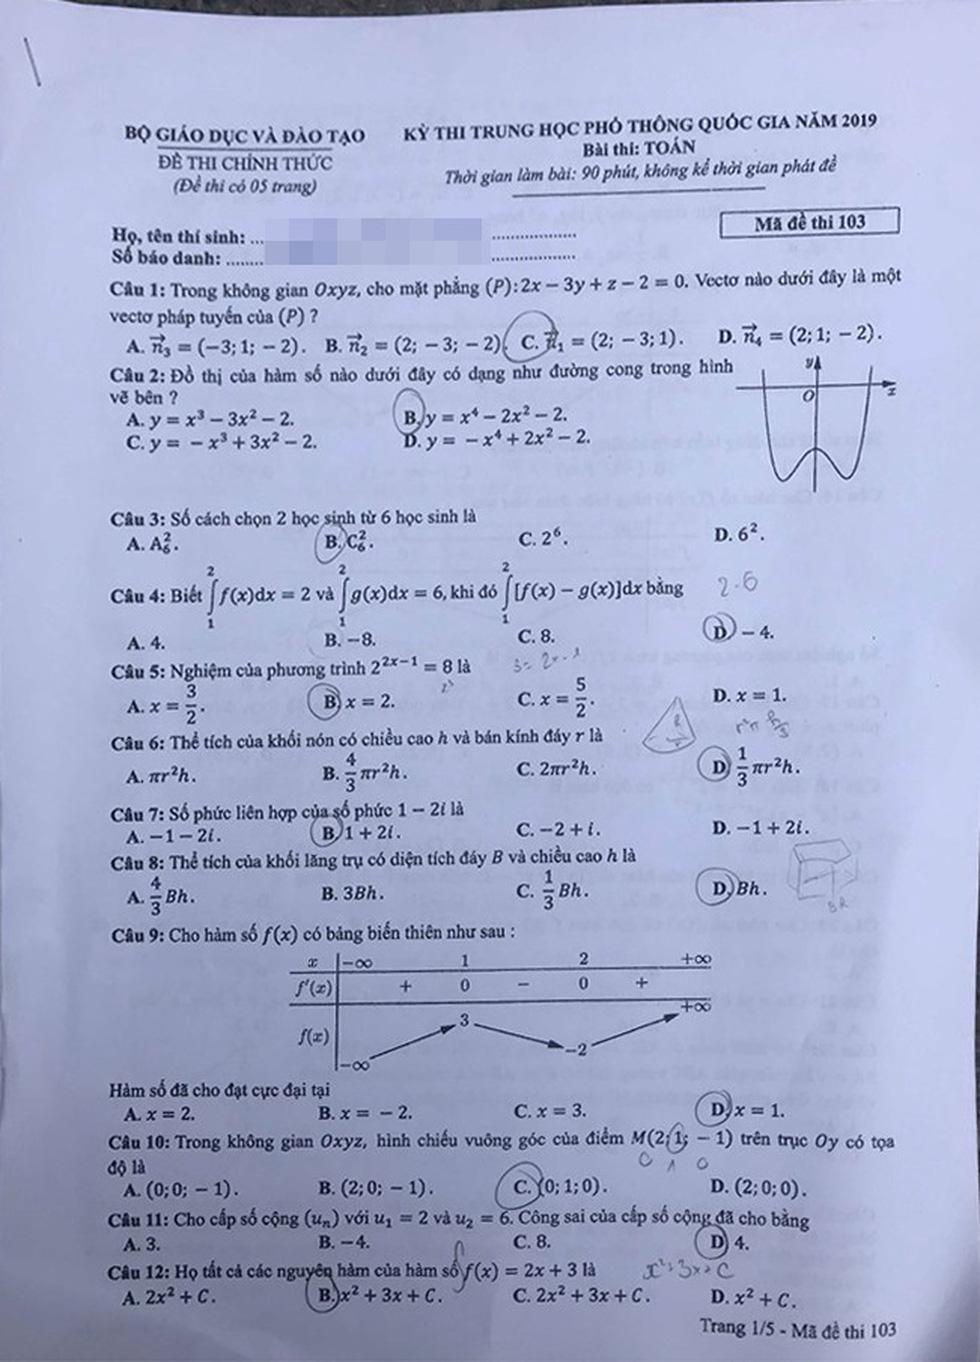 Đáp án môn toán thi THPT quốc gia 2019 - Ảnh 10.